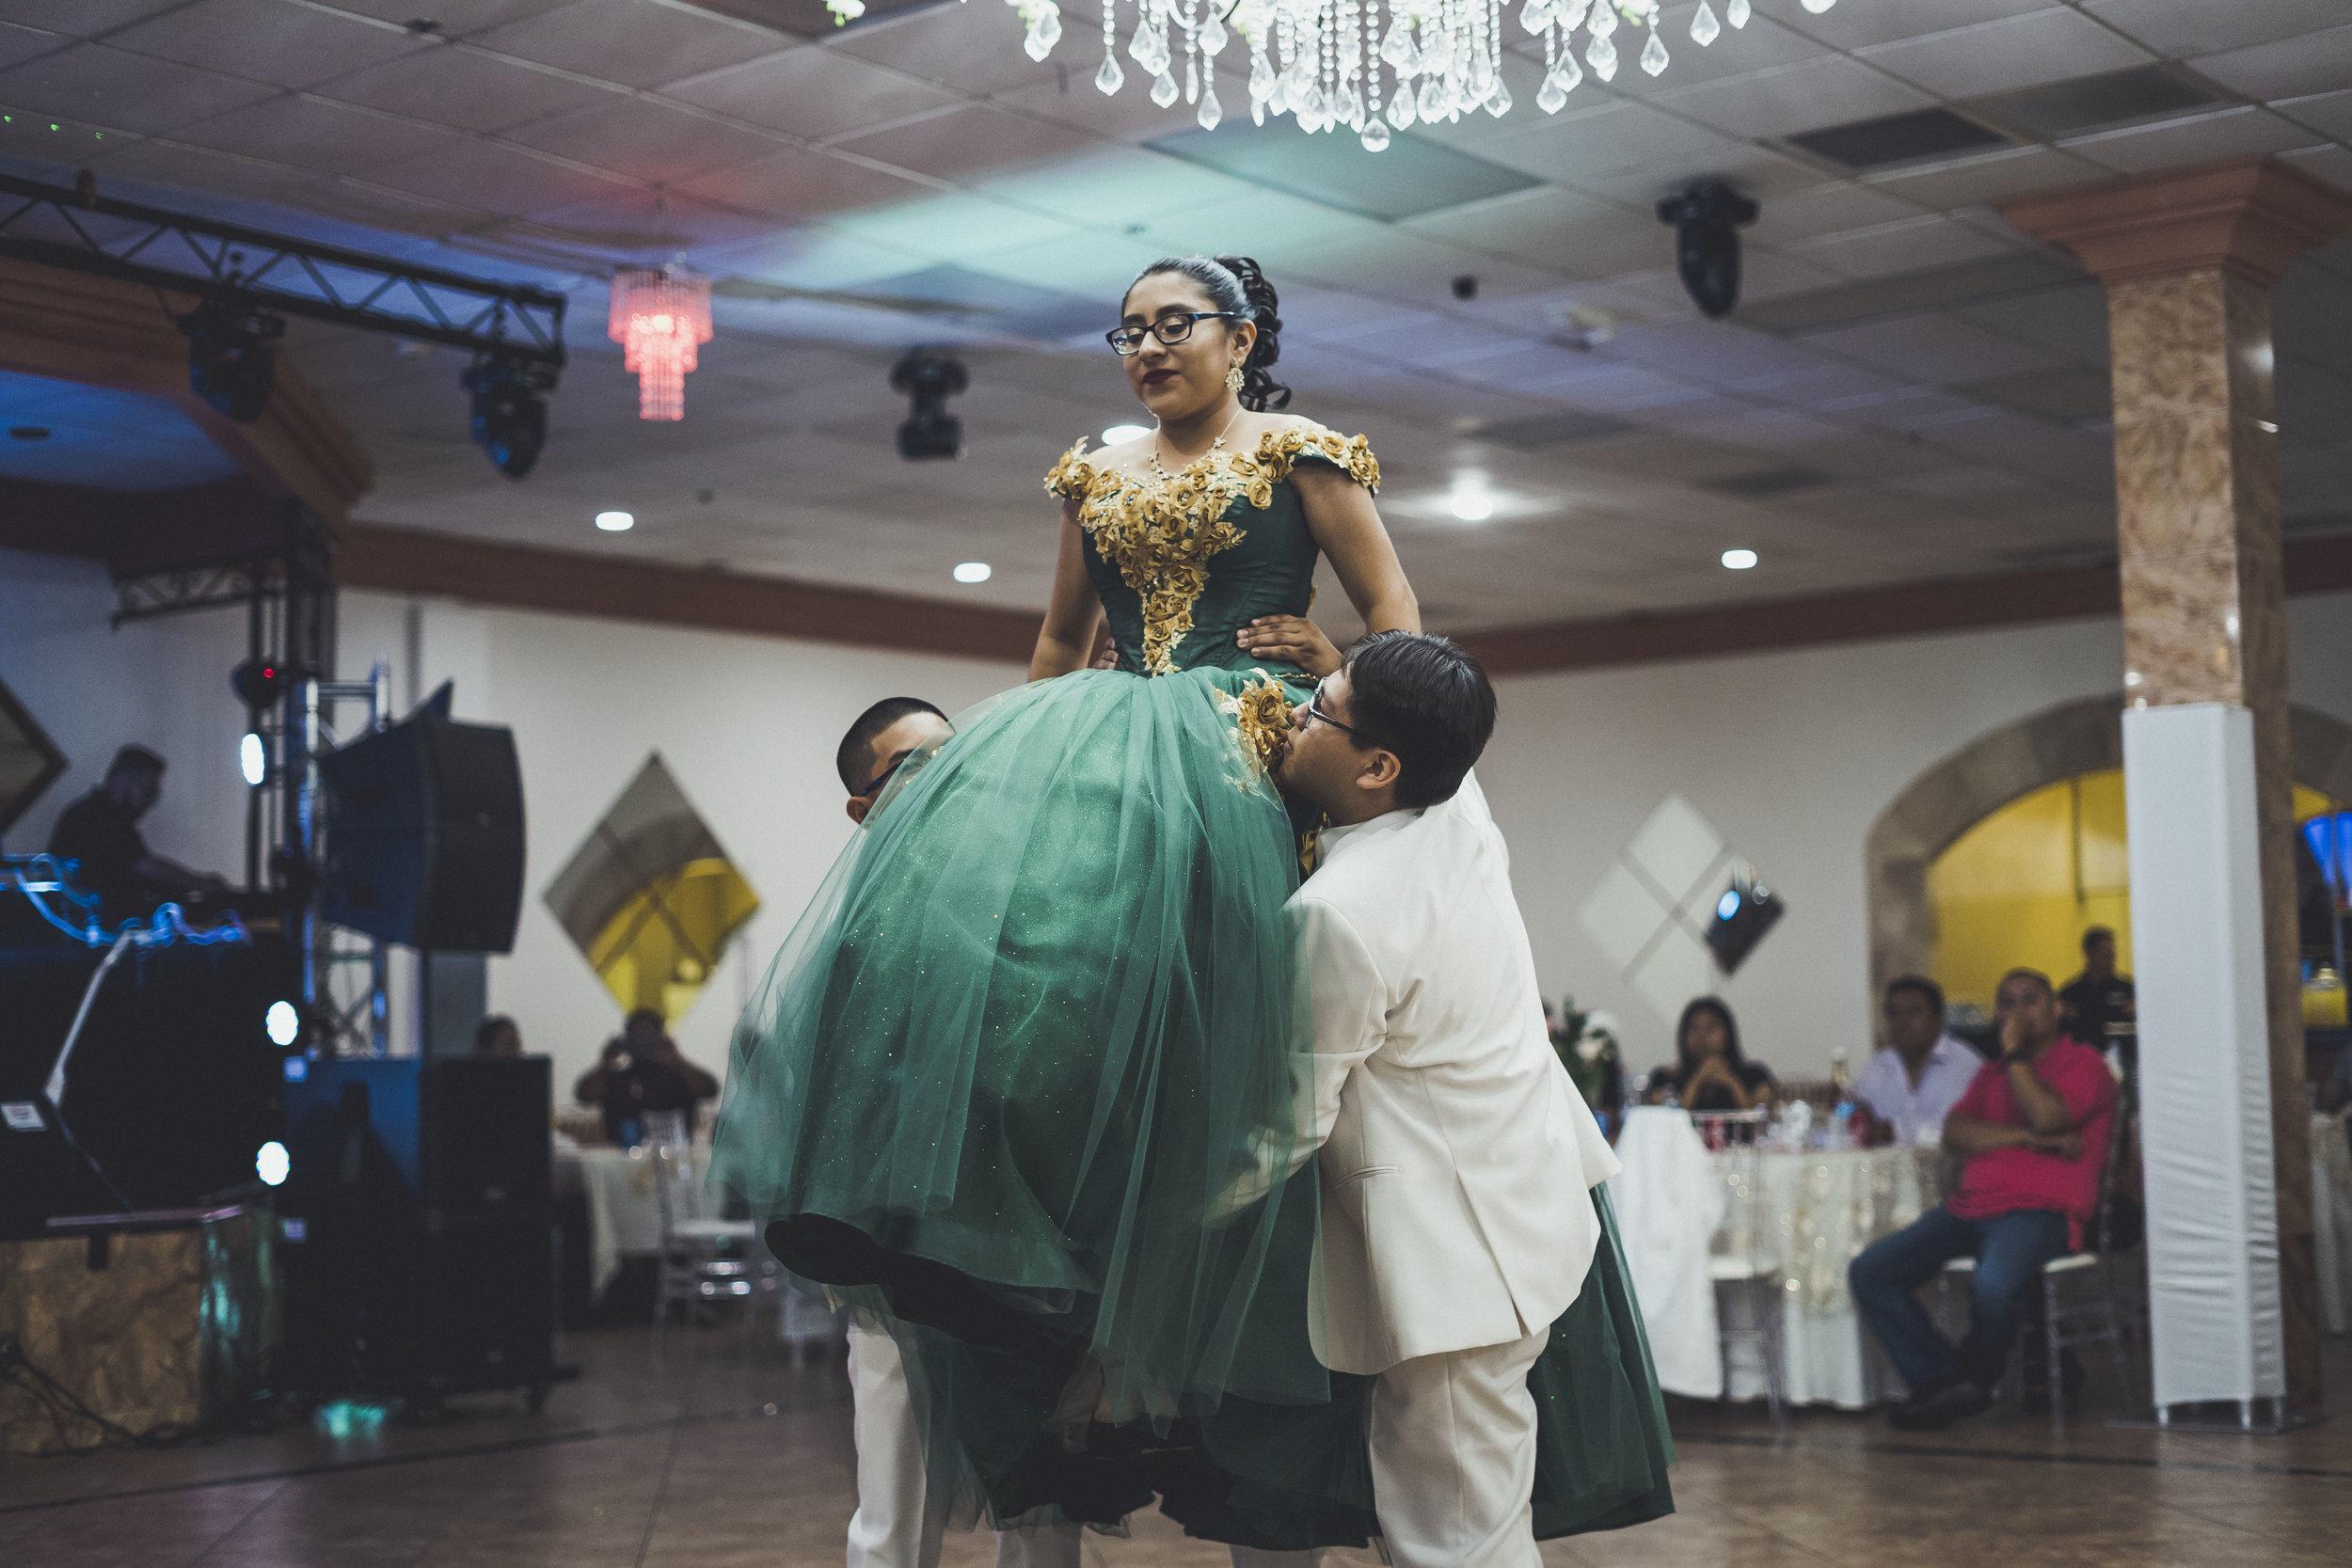 06-07-2019 Quinceañera - Ariana Garcia Maximilliano_6524.jpg